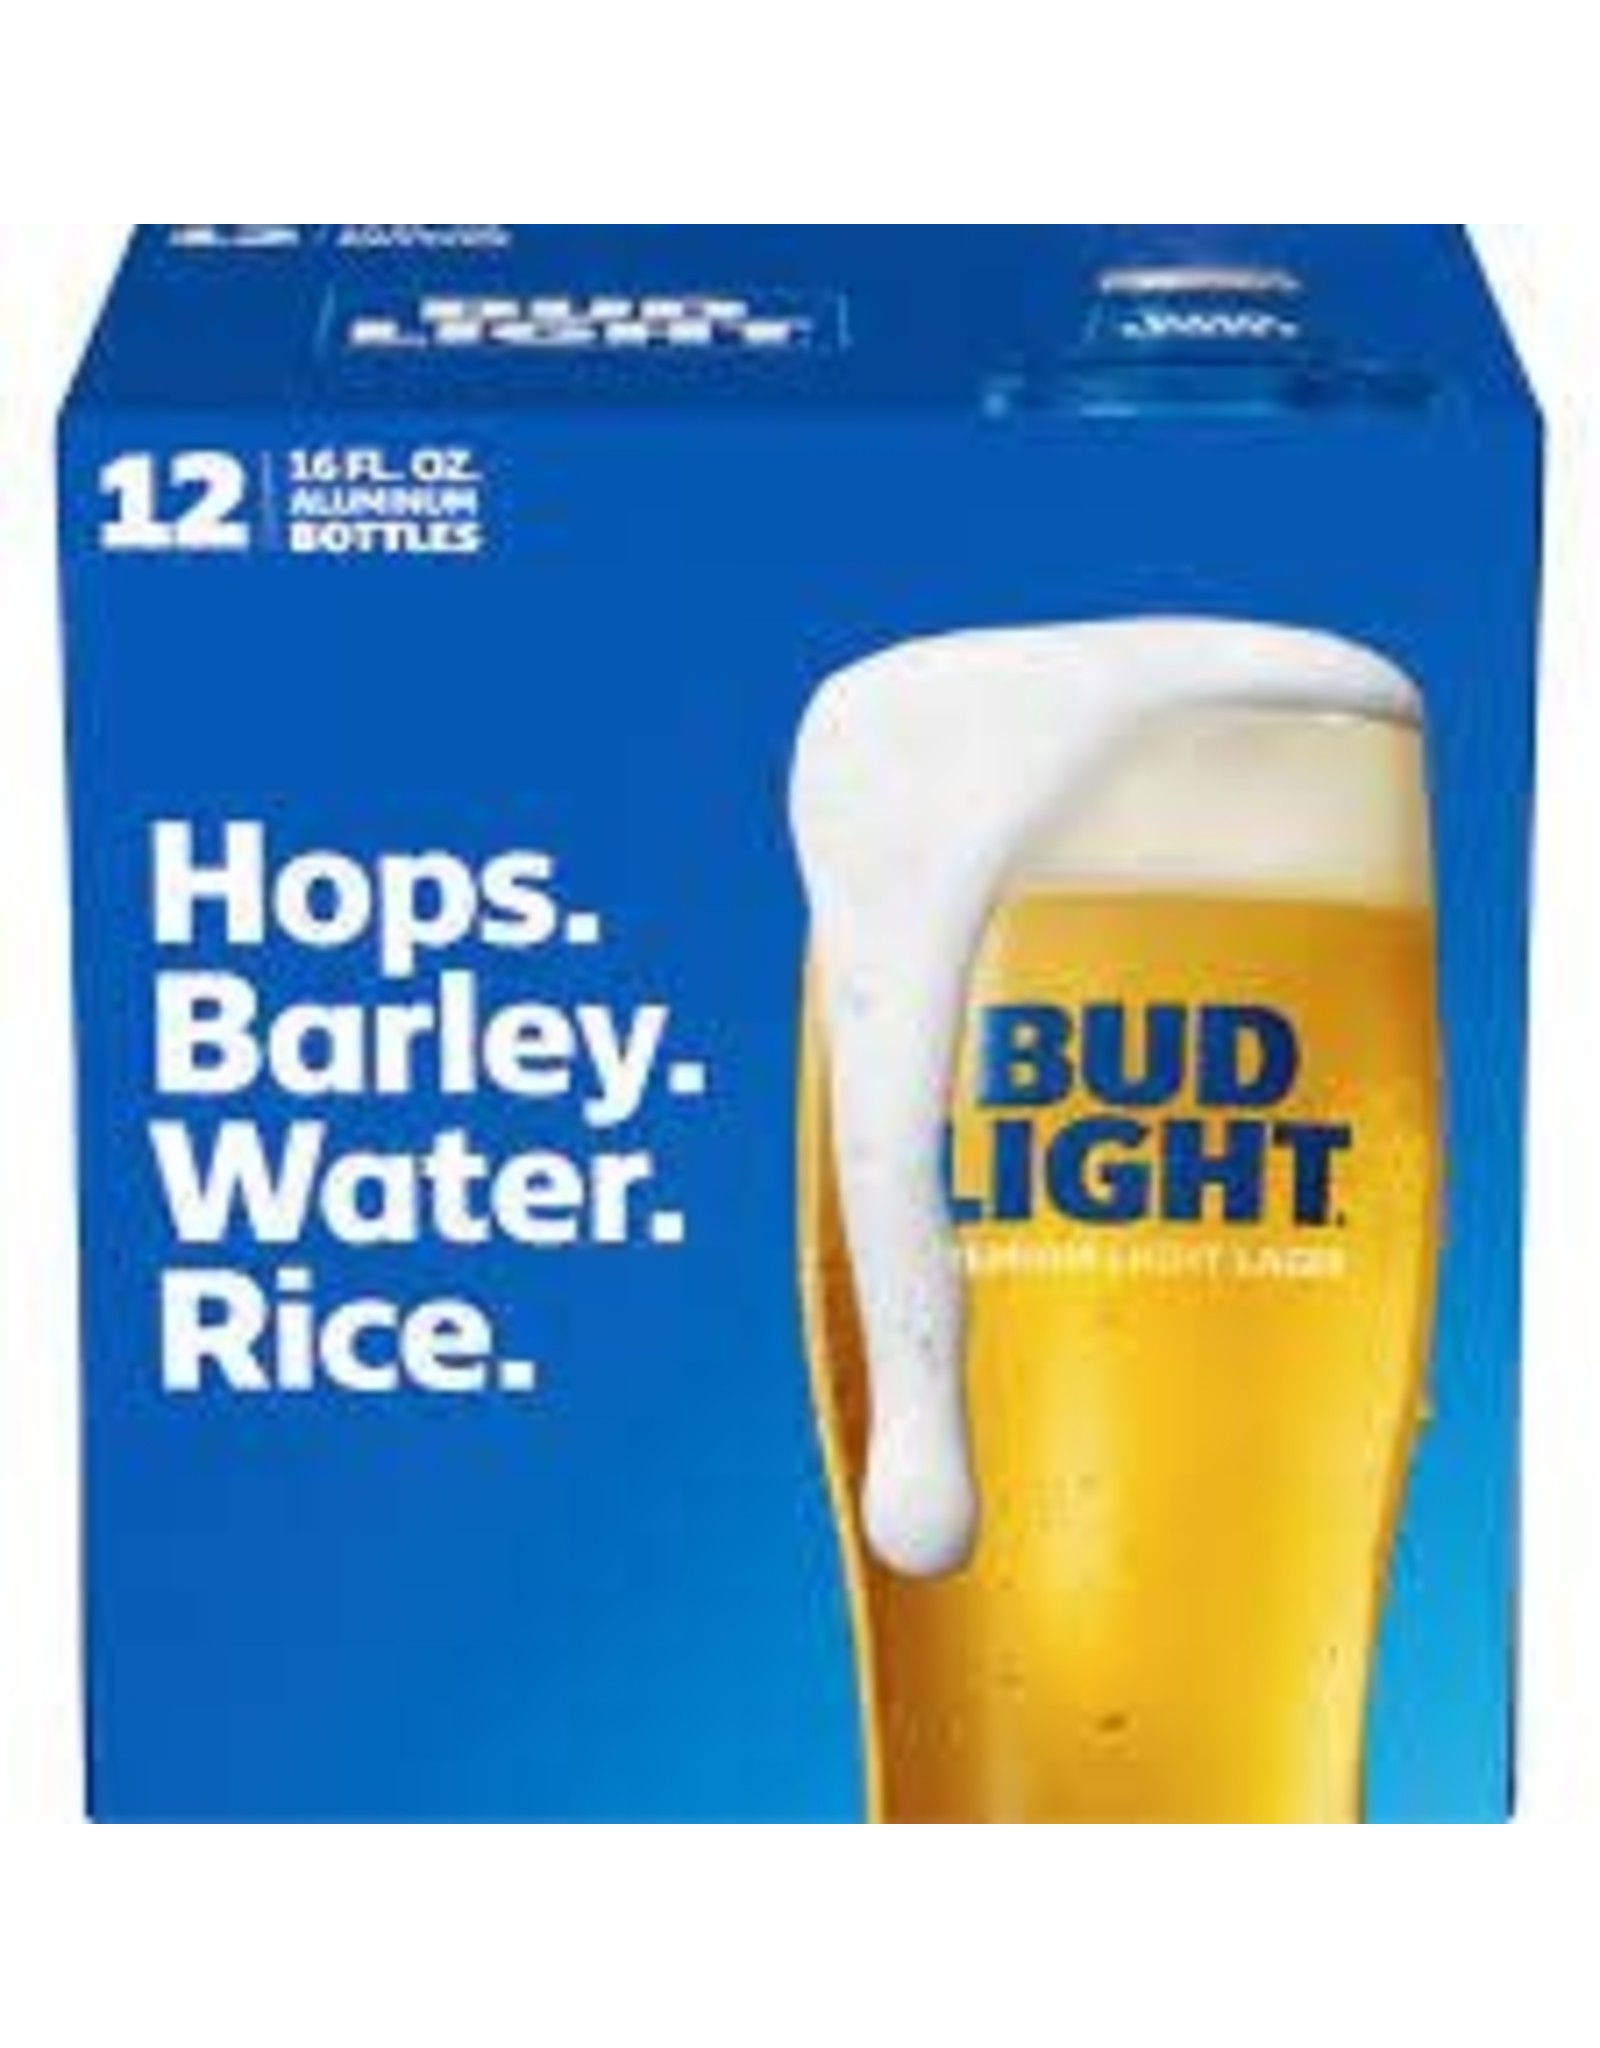 Bud Light 12 pack, 16oz Aluminum bottles